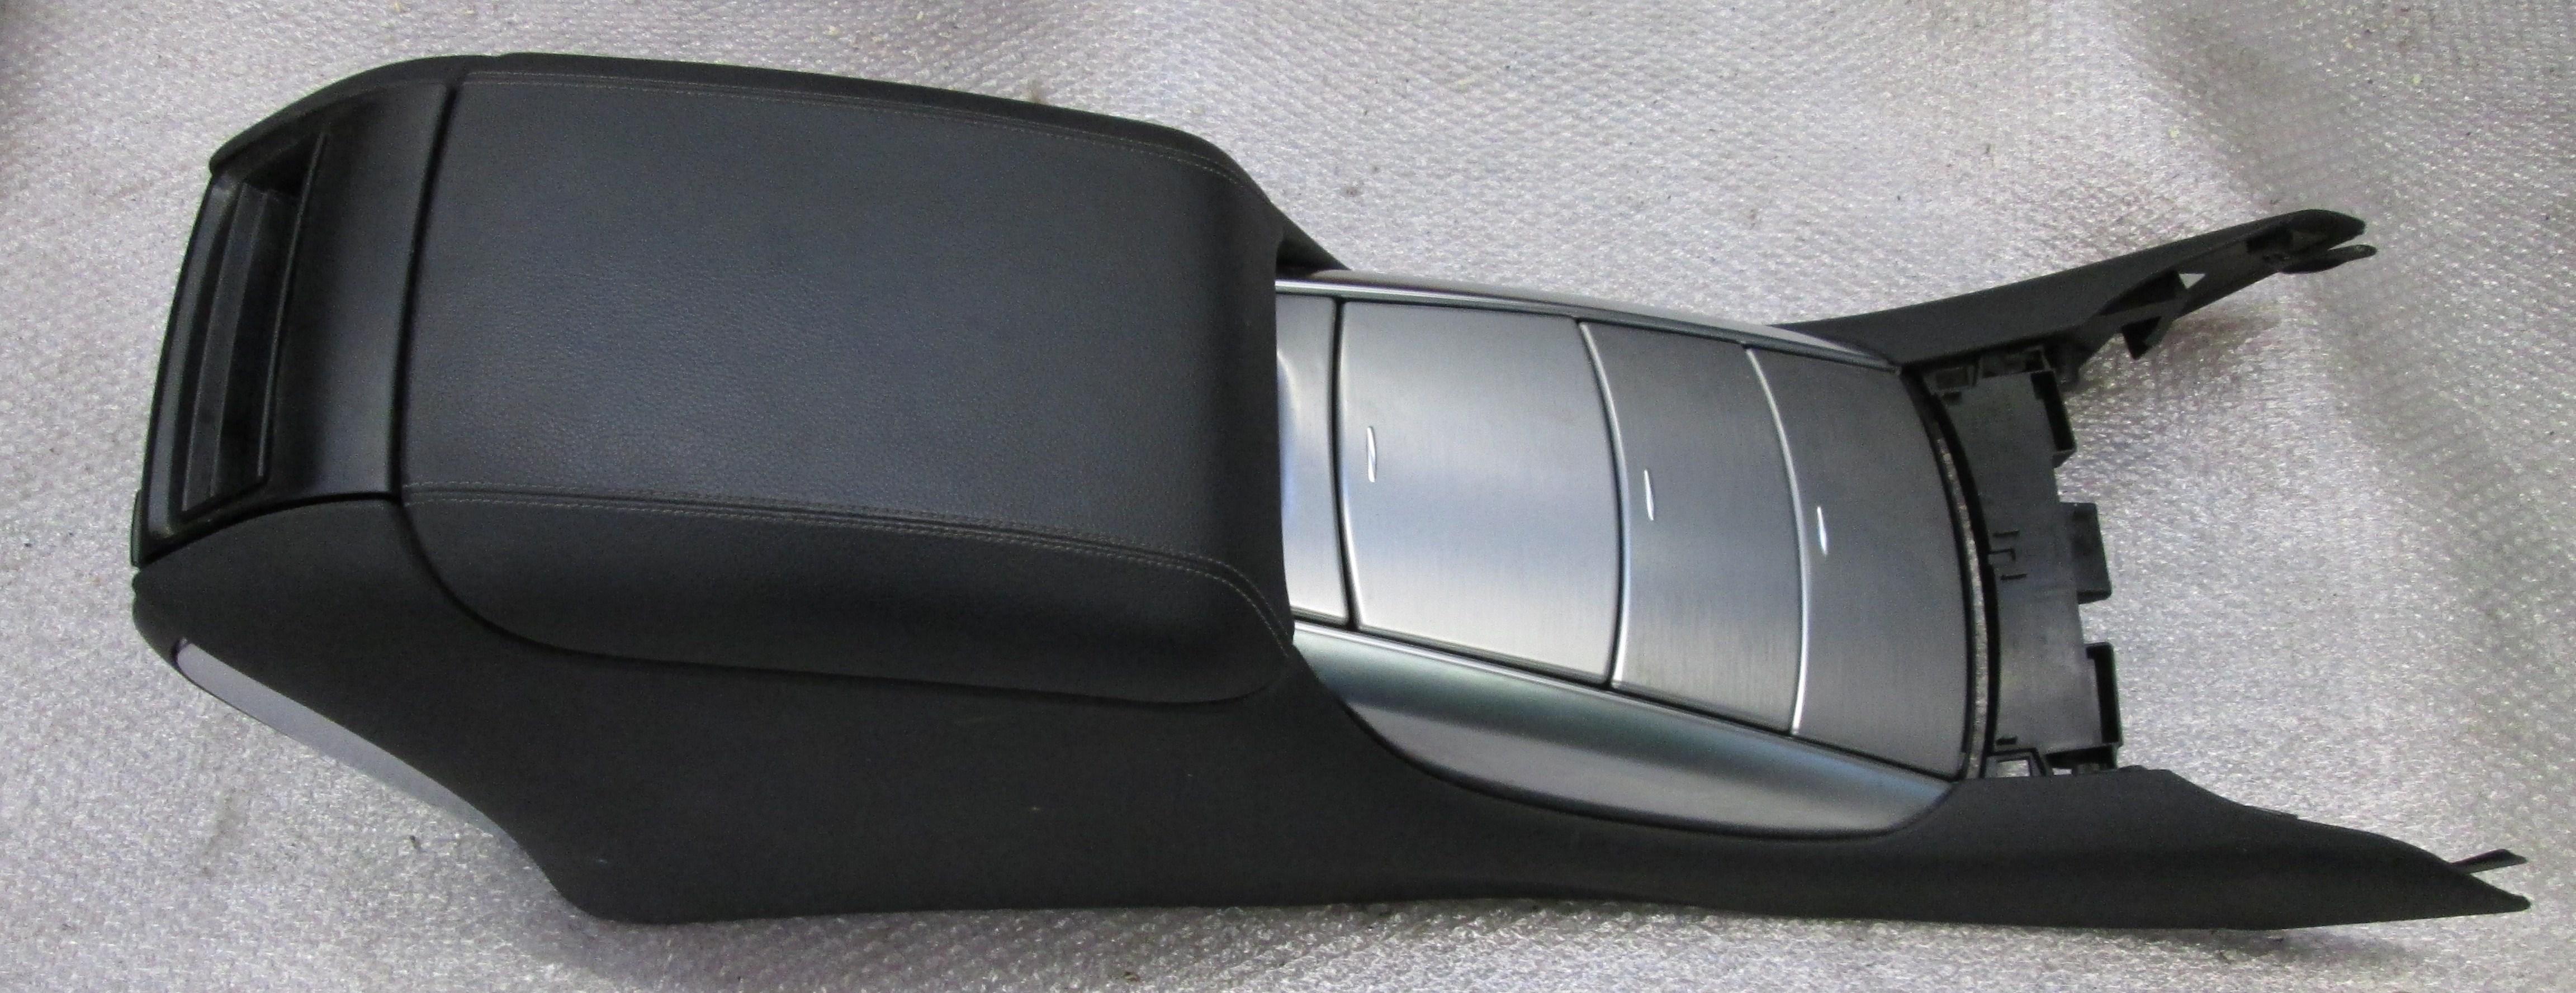 mercedes classe r 350 cdi 4matic 195kw sport v251 tunnel centrale portraoggetti ebay. Black Bedroom Furniture Sets. Home Design Ideas